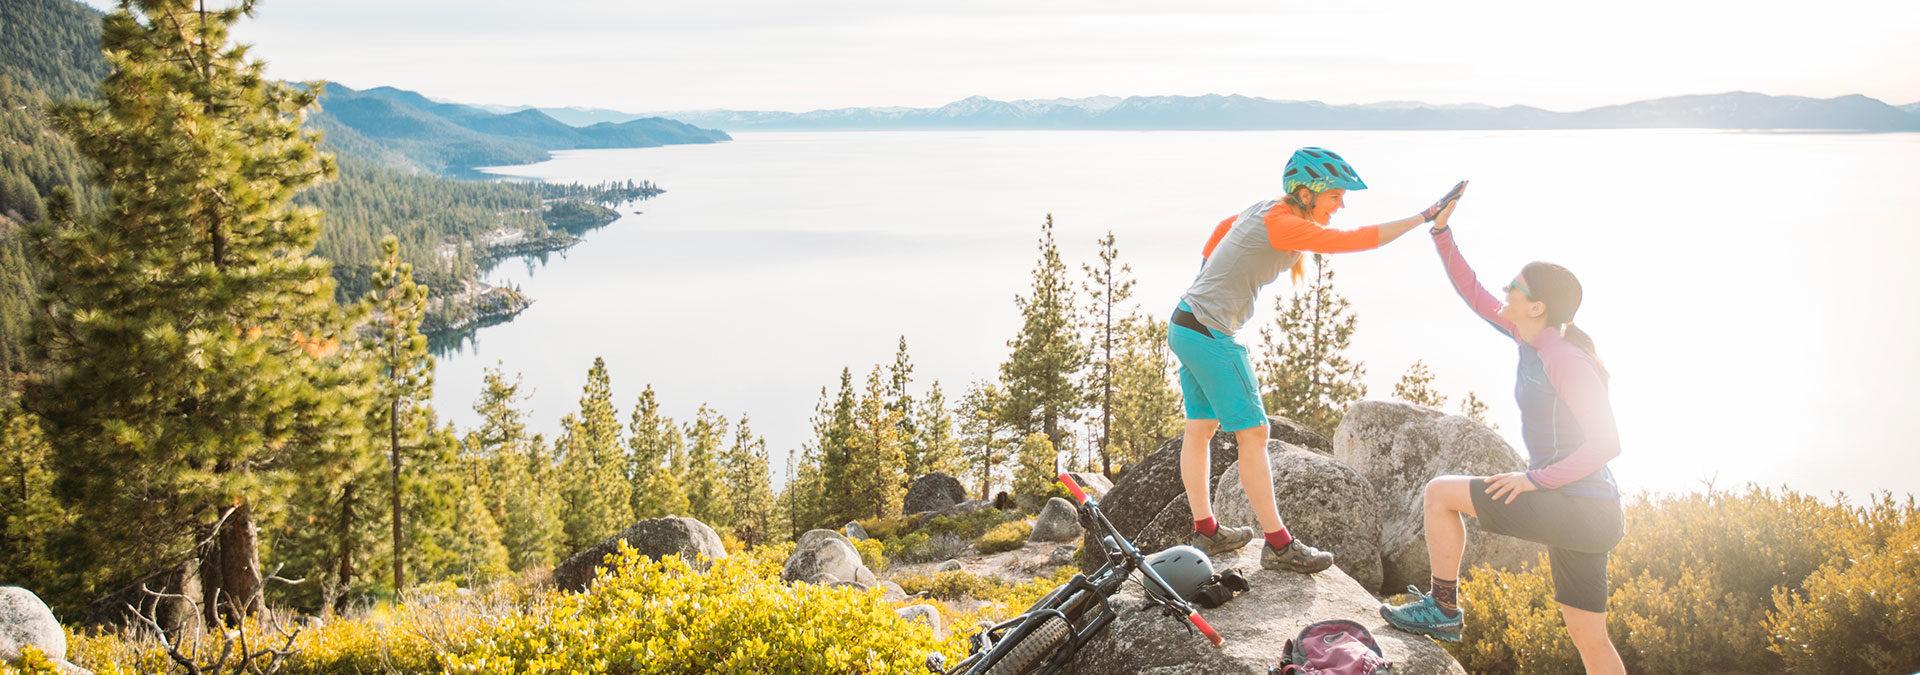 Aly Nicklas Mountain Biking Lake Tahoe